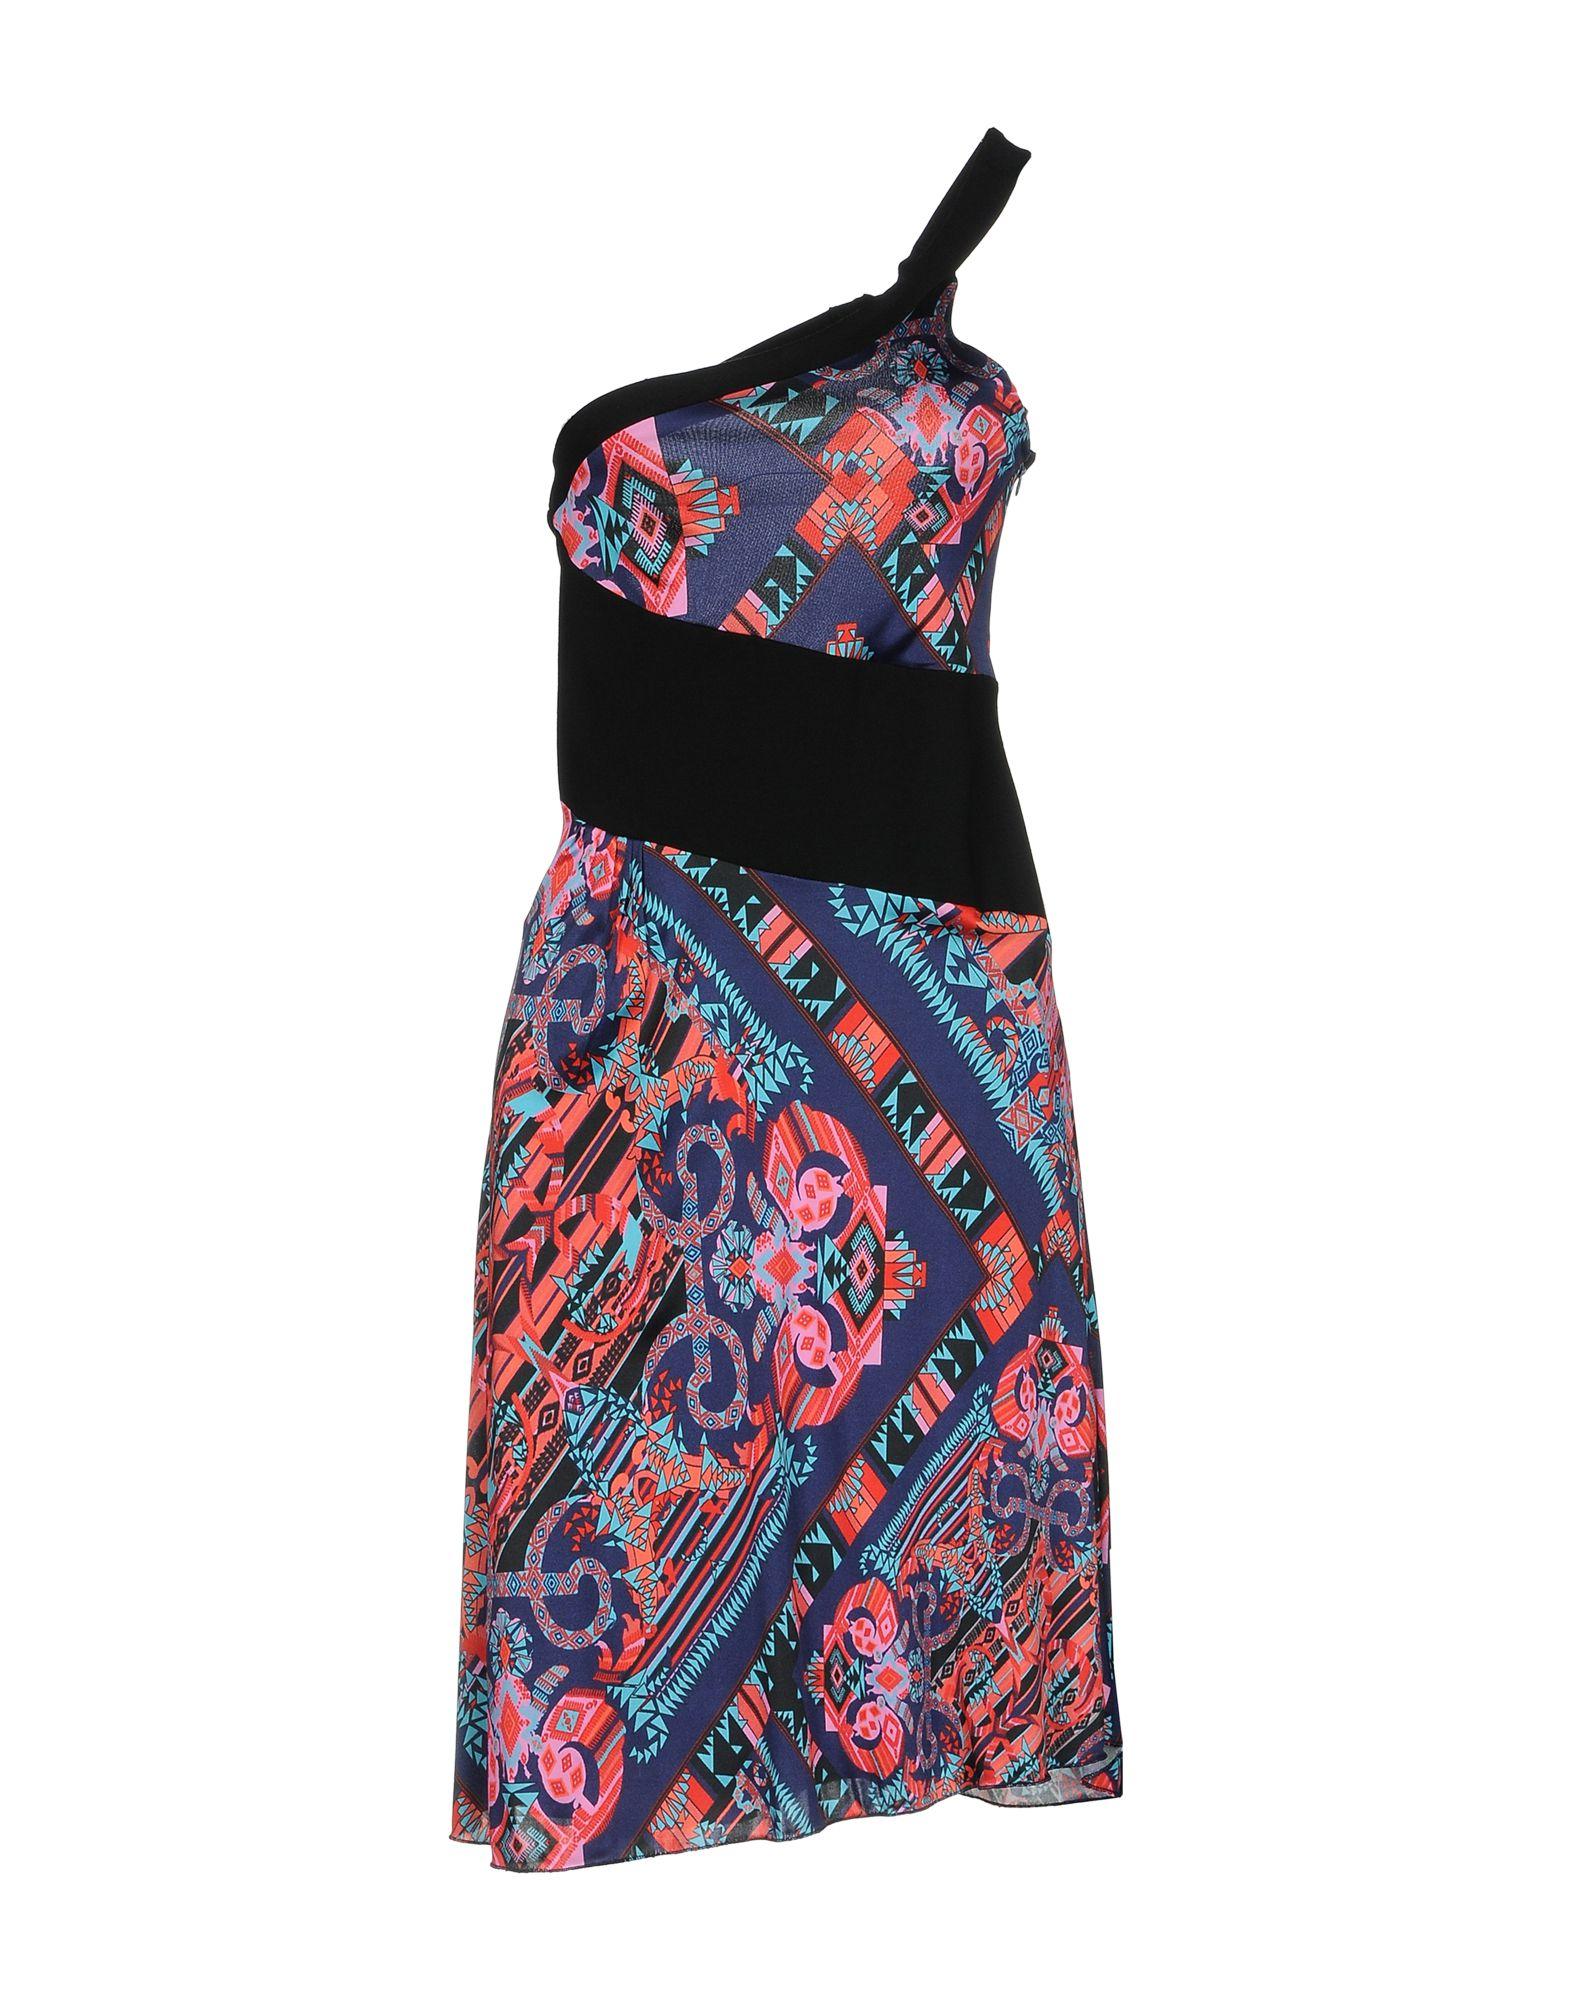 VERSACE COLLECTION Damen Kurzes Kleid Farbe Schwarz Größe 3